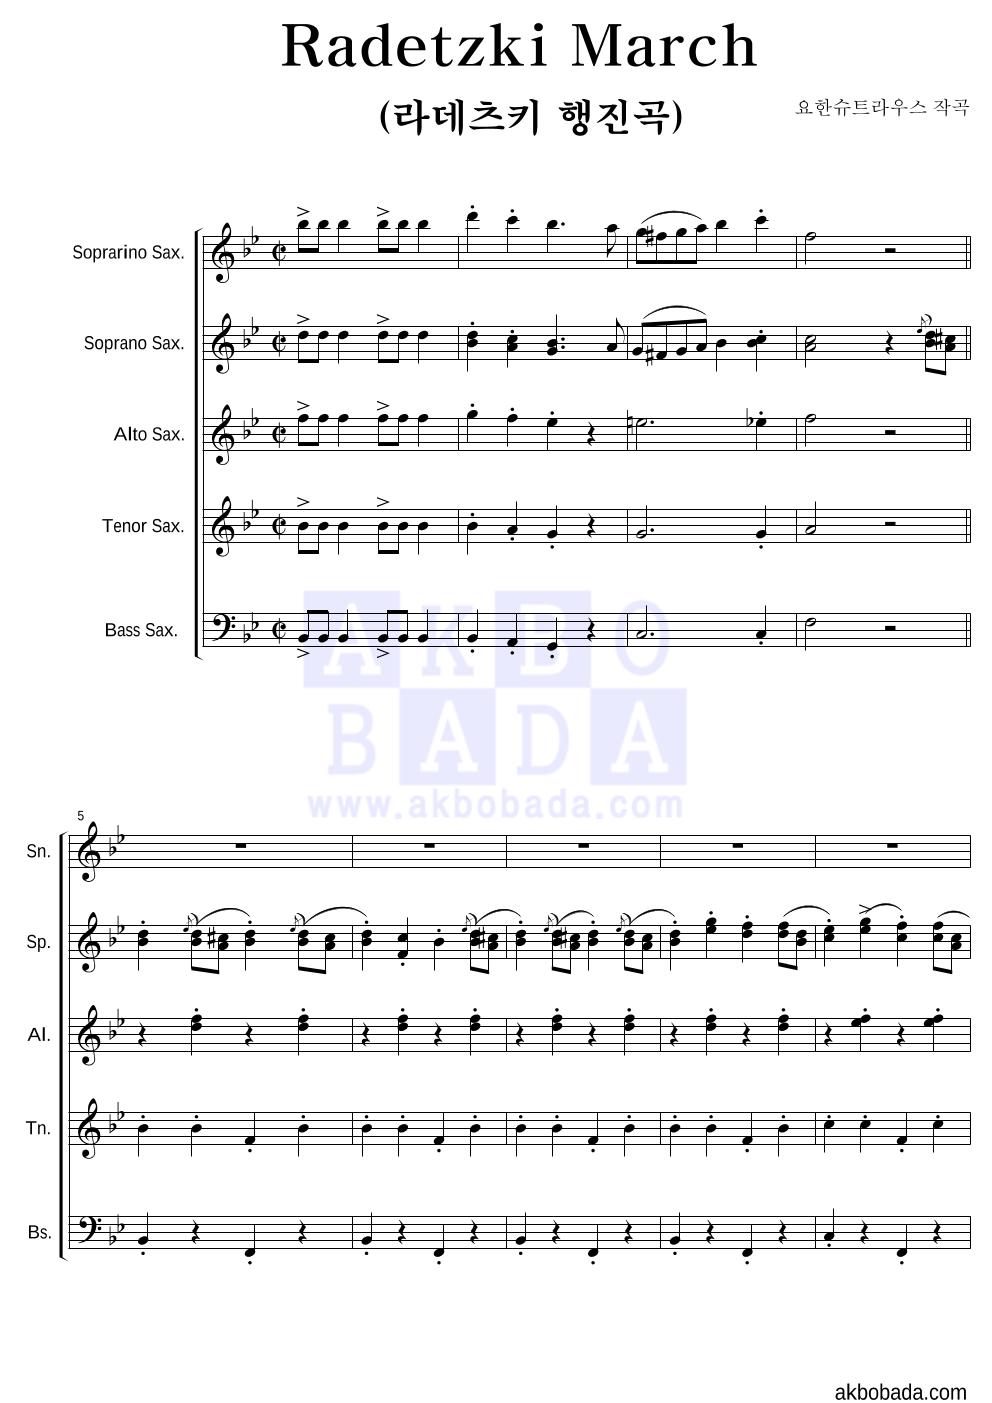 요한 슈트라우스 - Radetzky March (라데츠키 행진곡)  악보